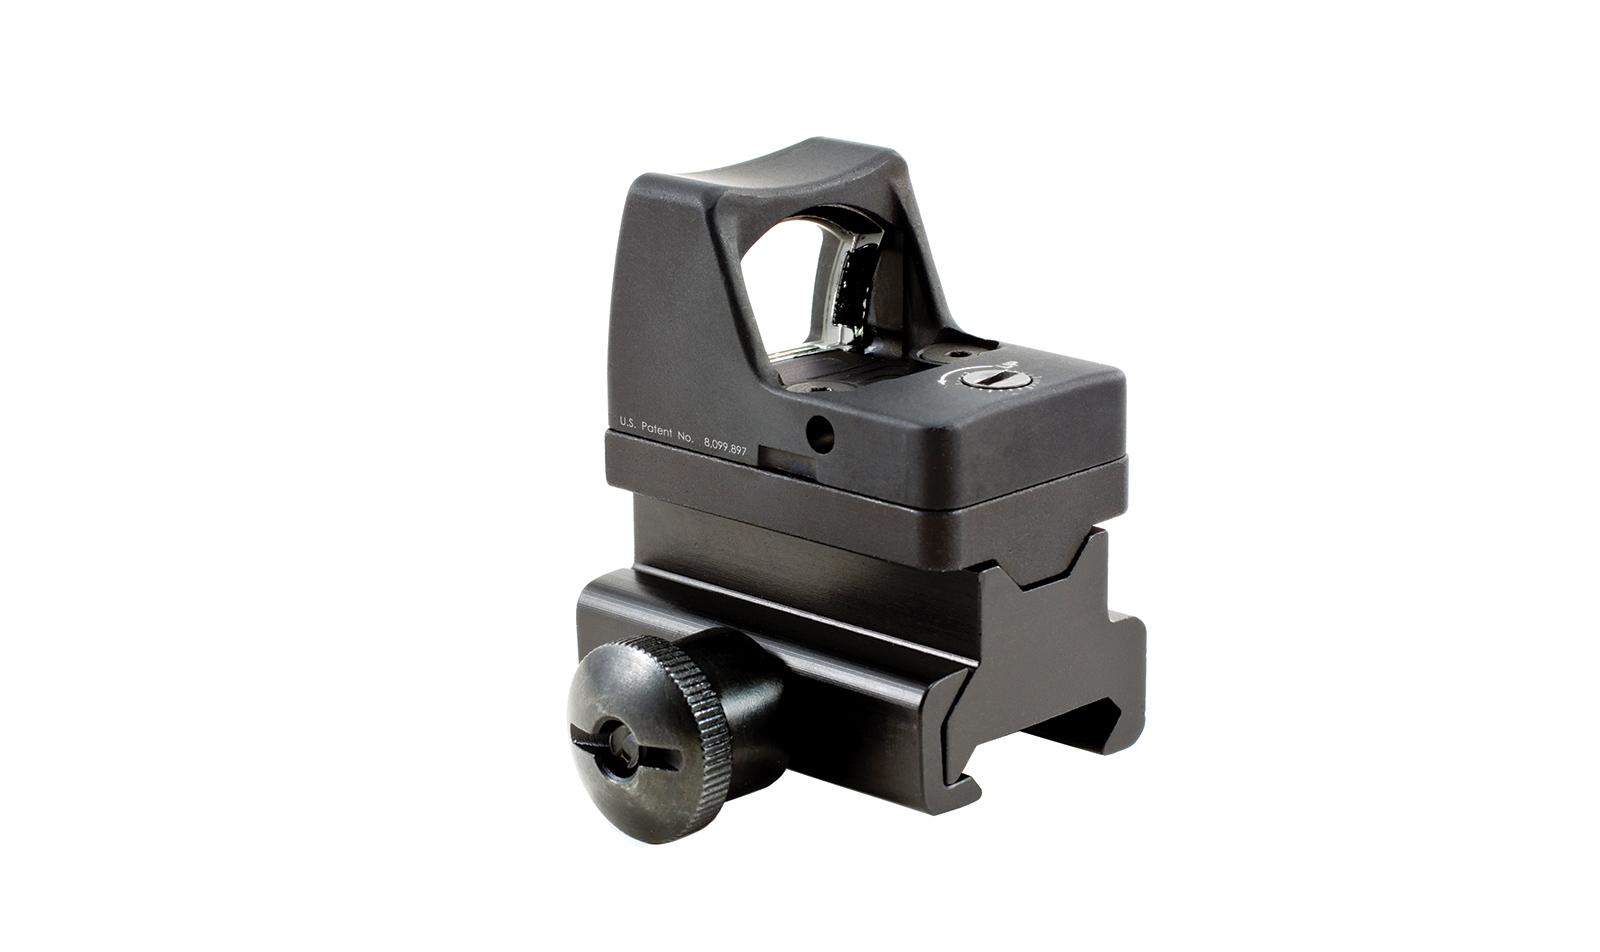 RM02-C-700609 angle 2